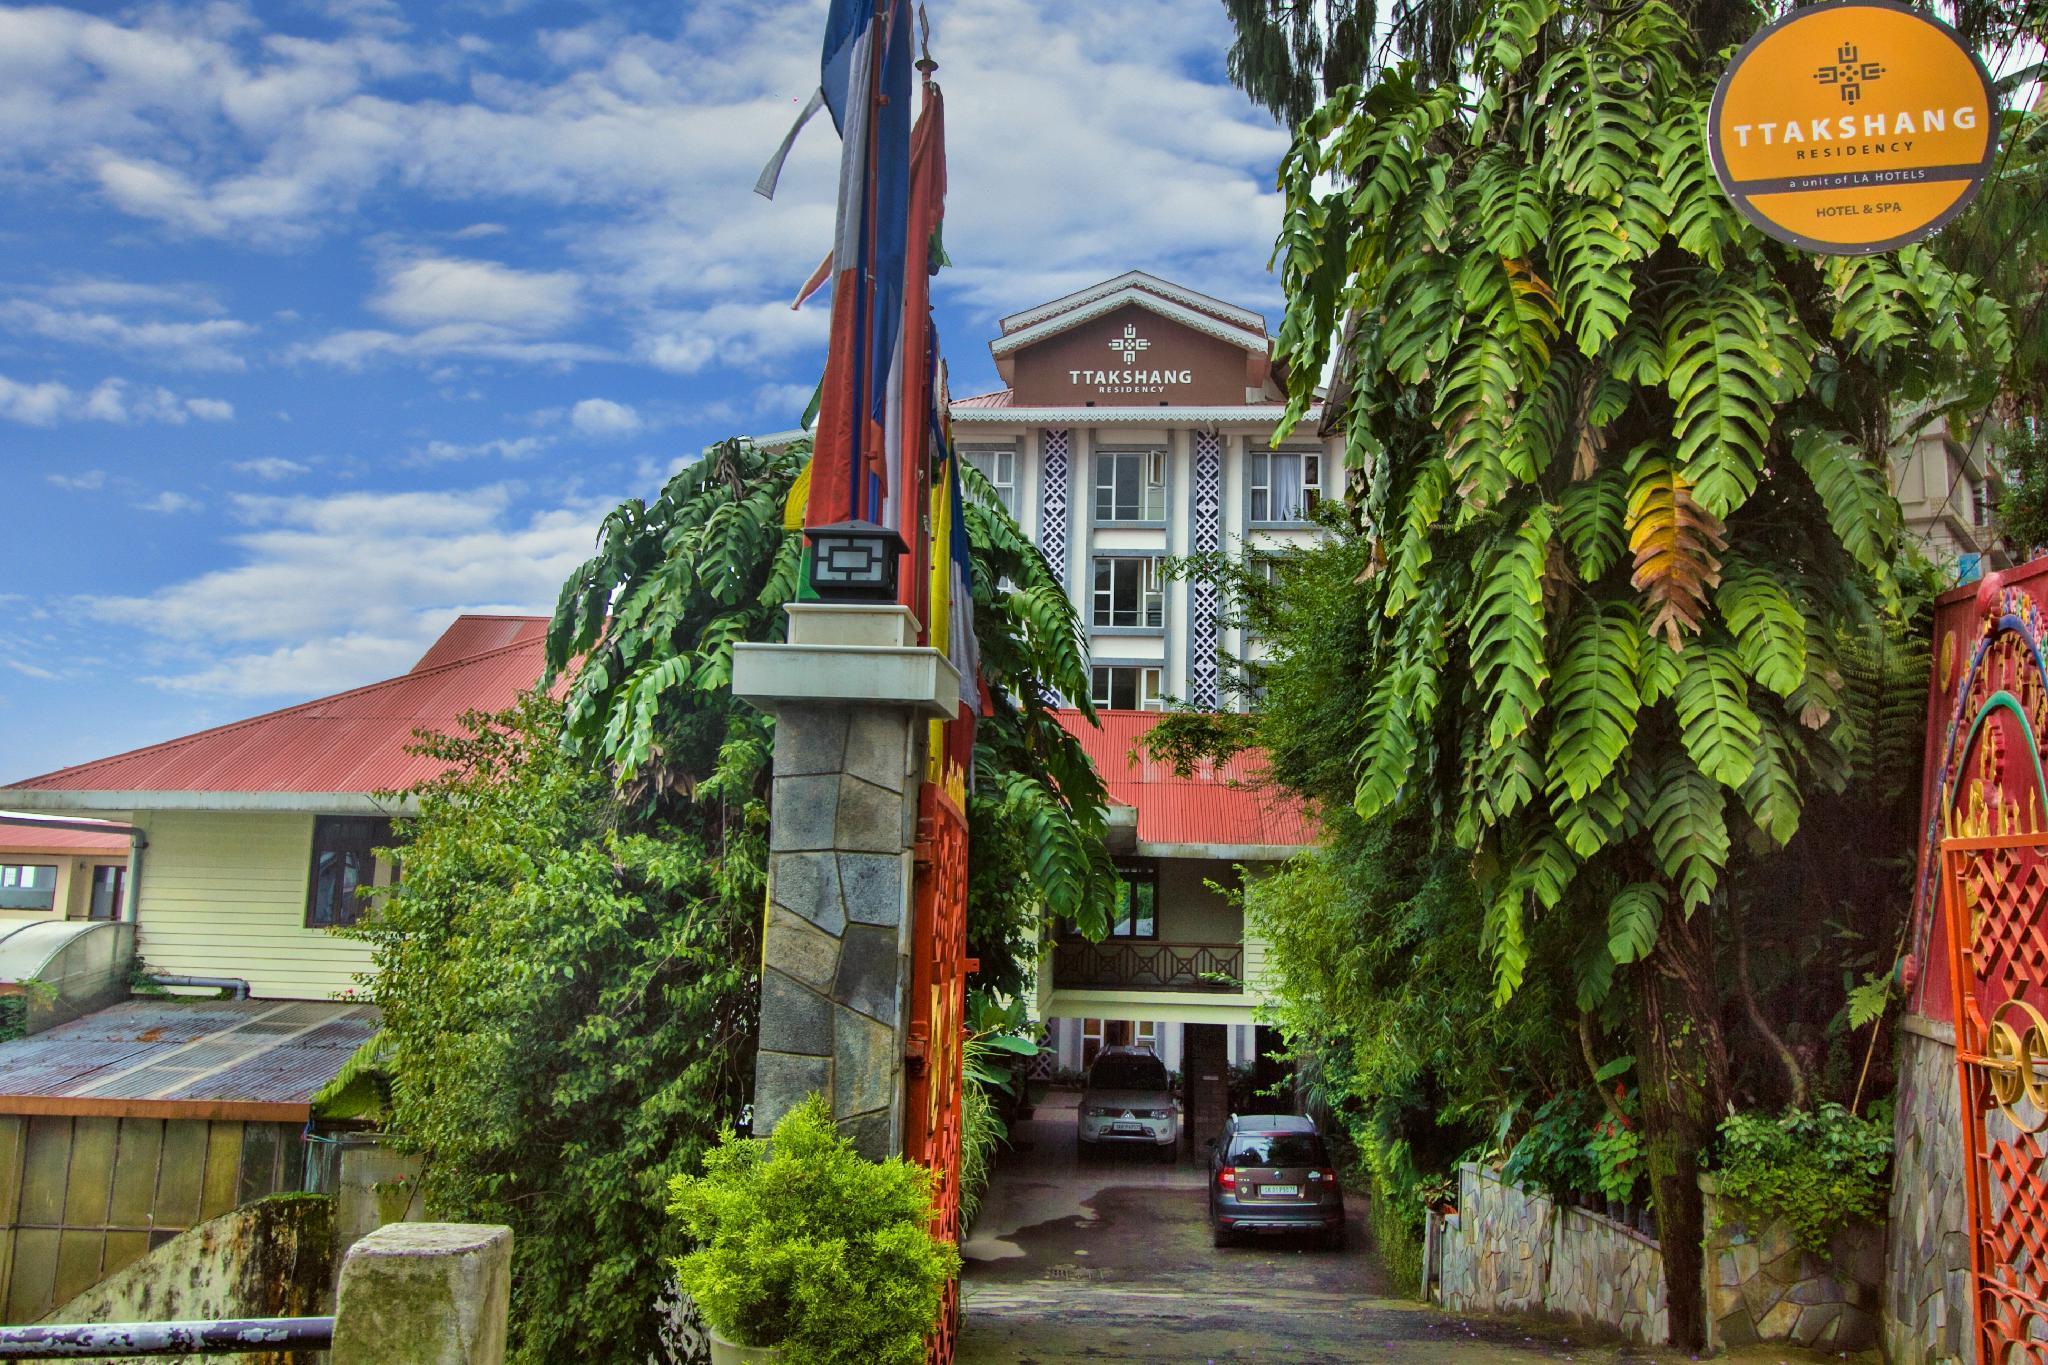 La Ttakshang Residency Hotel And Spa